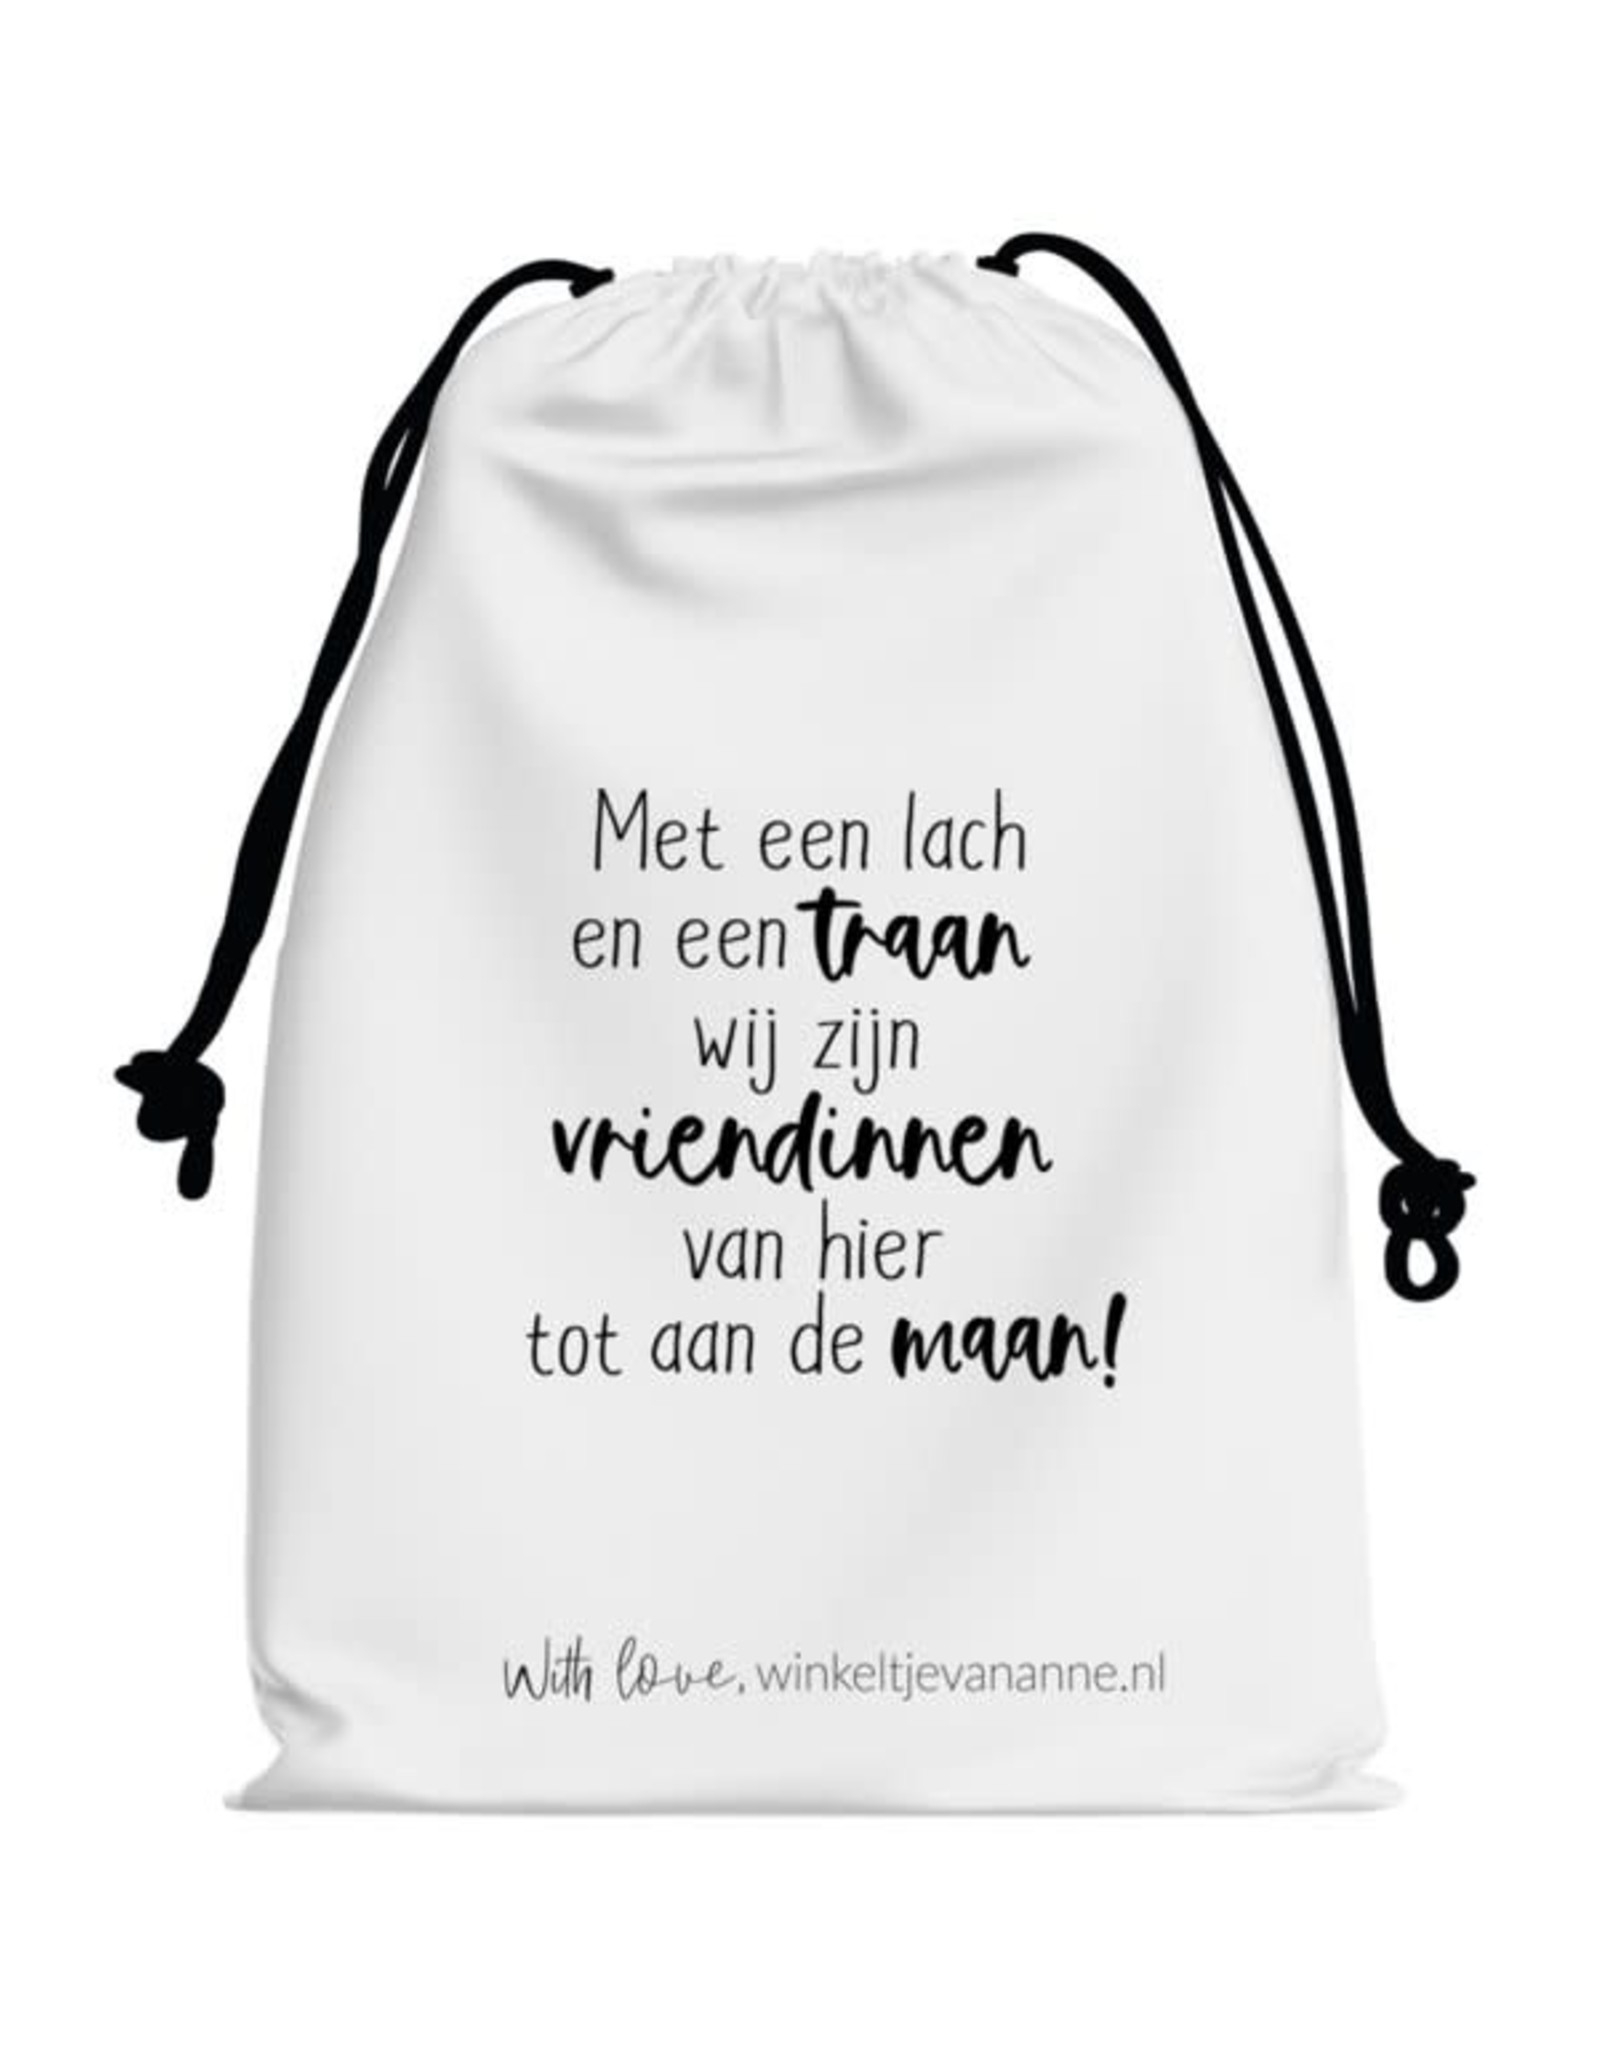 Winkeltje van Anne Winkeltje van anne Katoenen zakje | vriendinnen